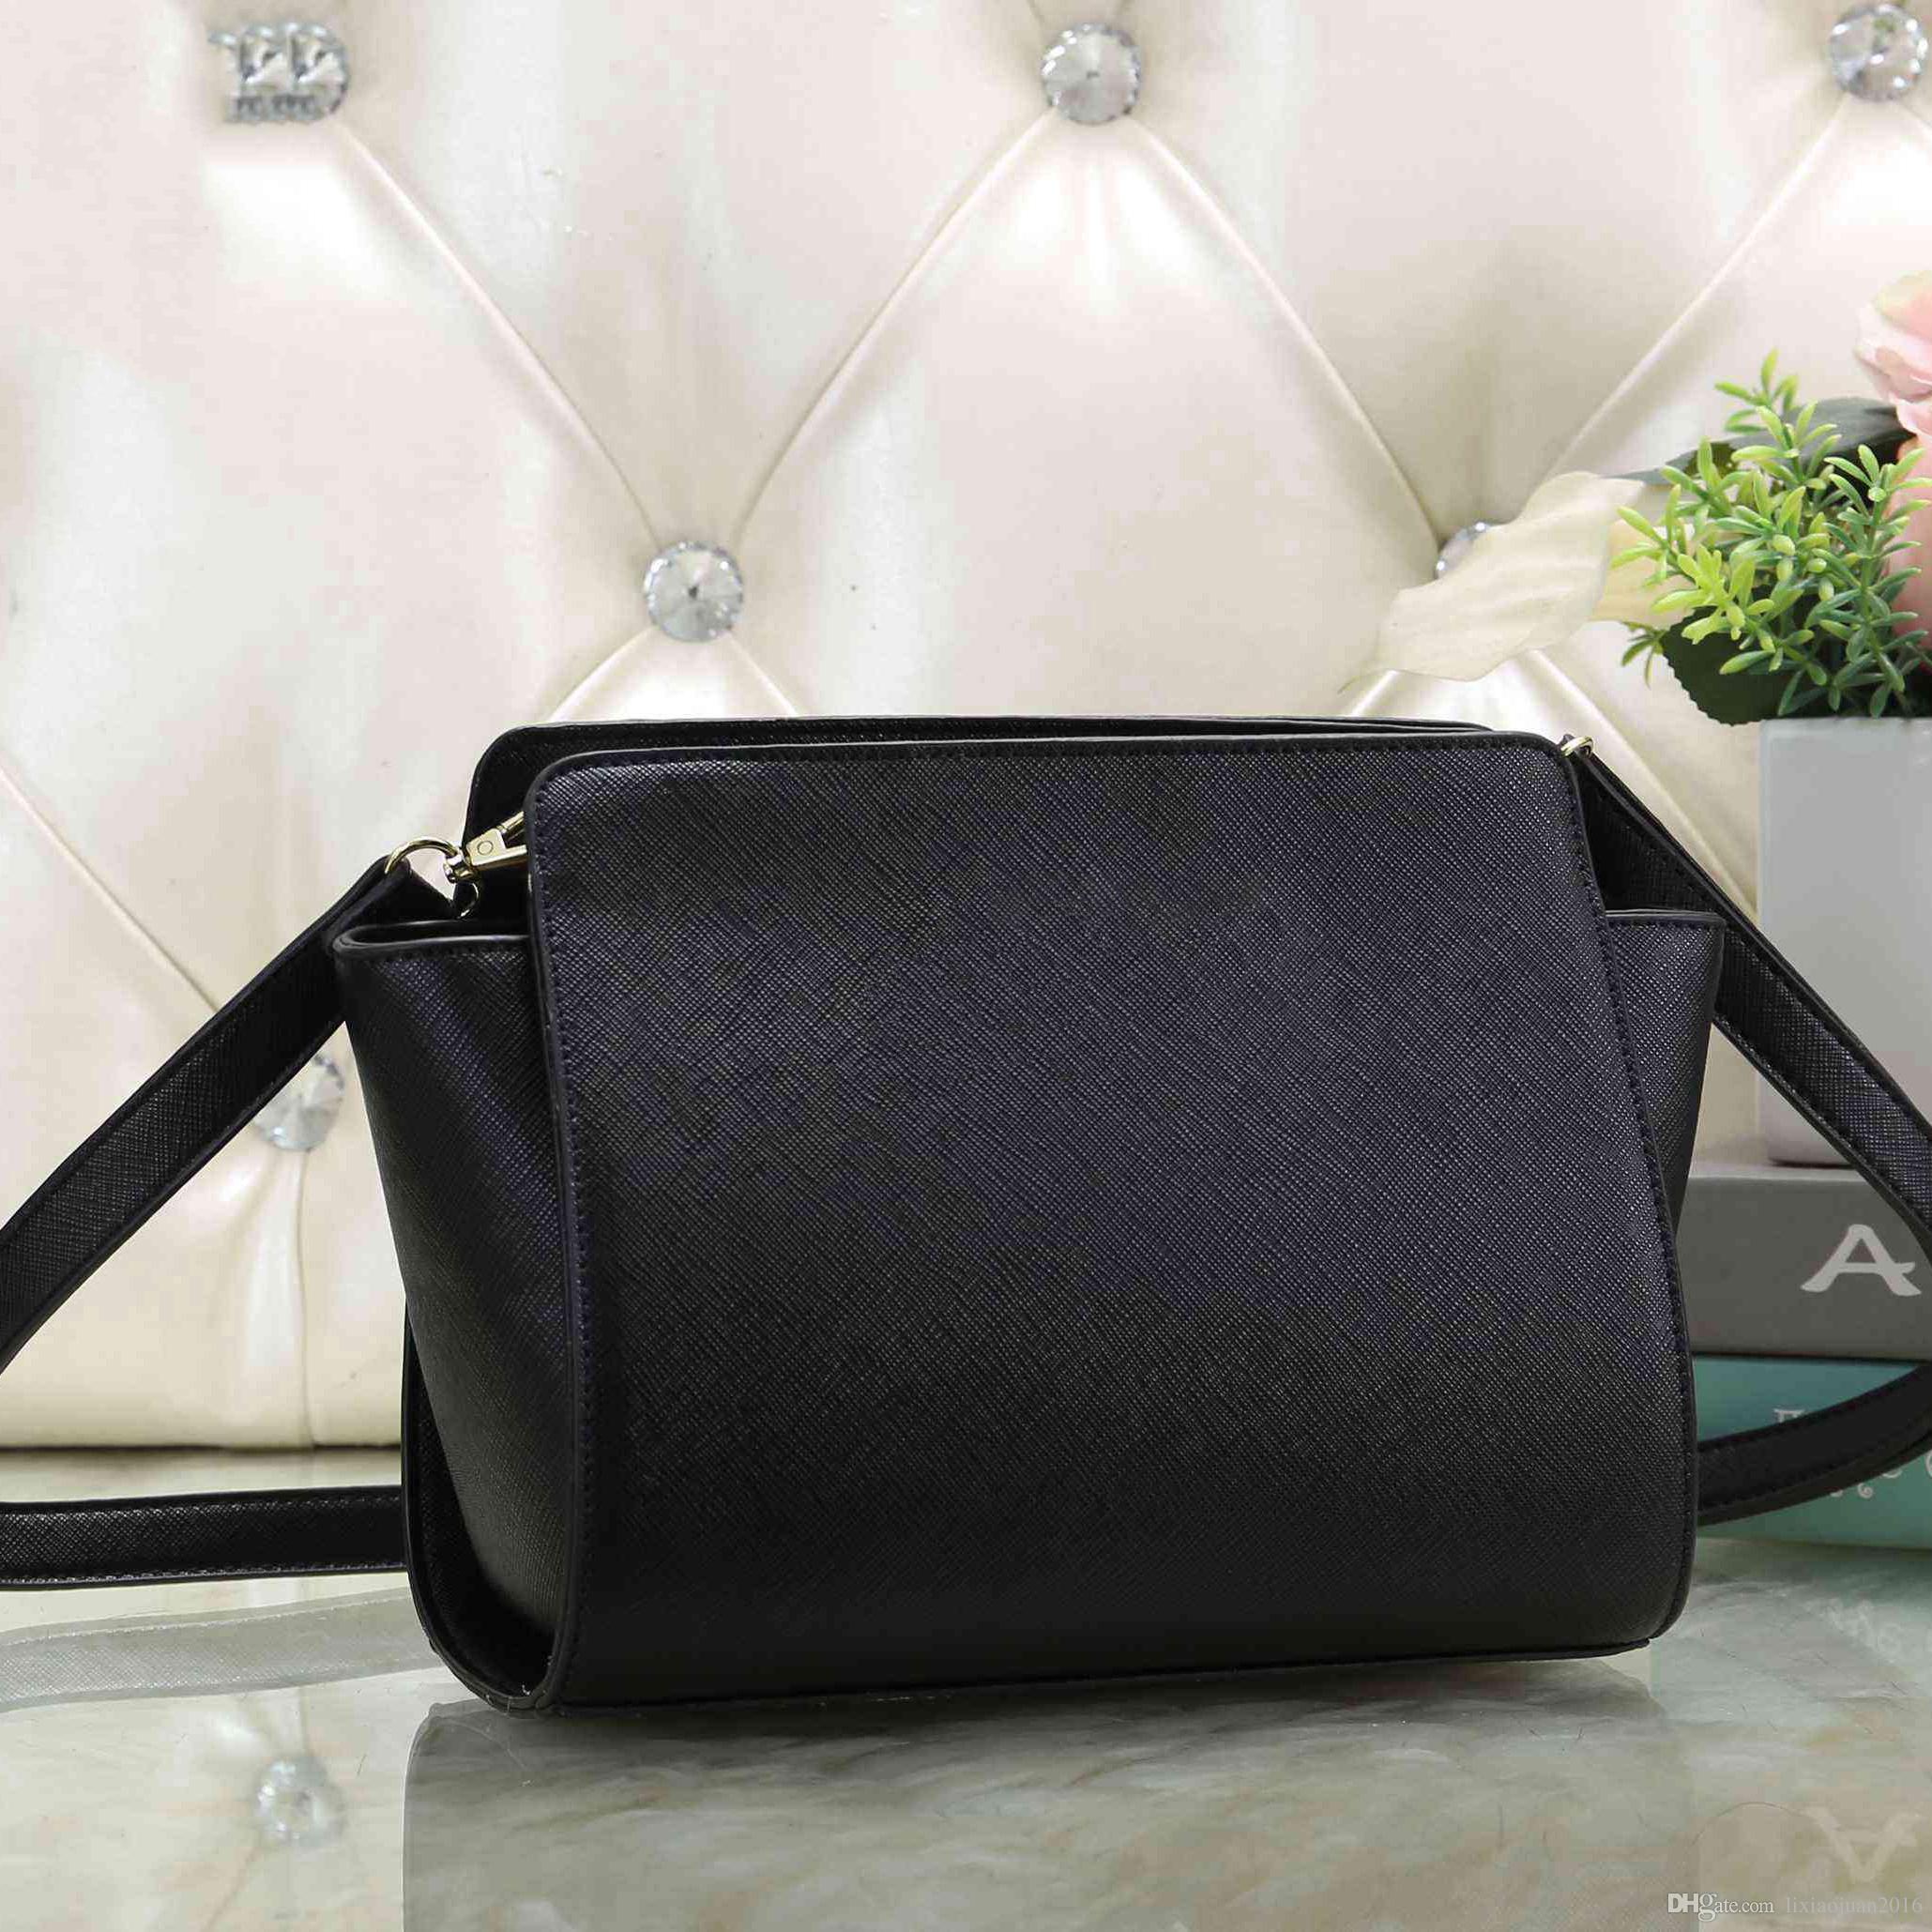 2020 حار بيع حقائب اليد من النساء CROSSBODY رسول حقائب الكتف جودة حقيبة سلسلة جيدة بو المحافظ الجلدية حقيبة يد السيدات